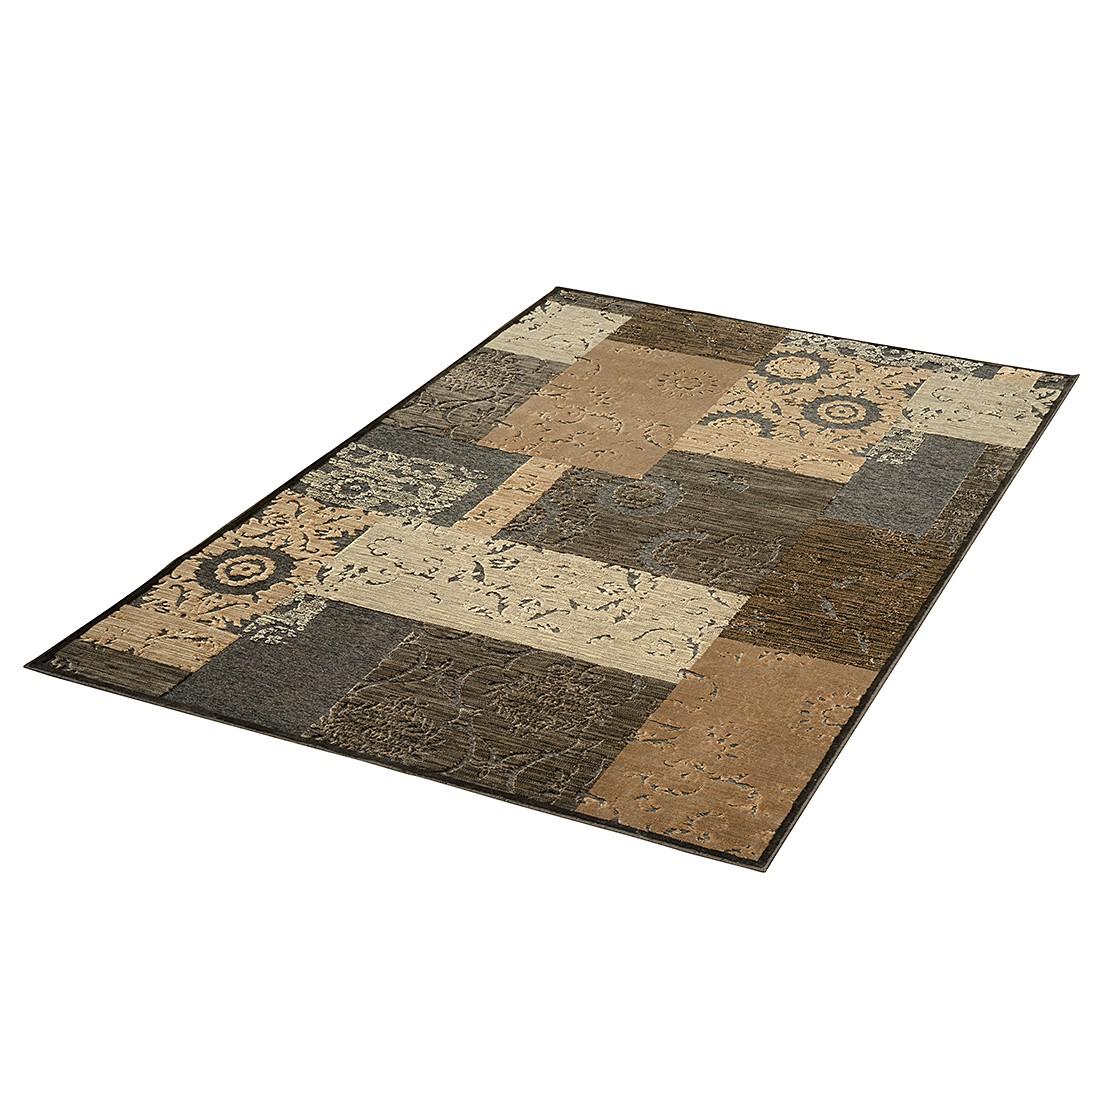 Teppich Nostalgie – Sand – 160 x 230 cm, DEKOWE online kaufen